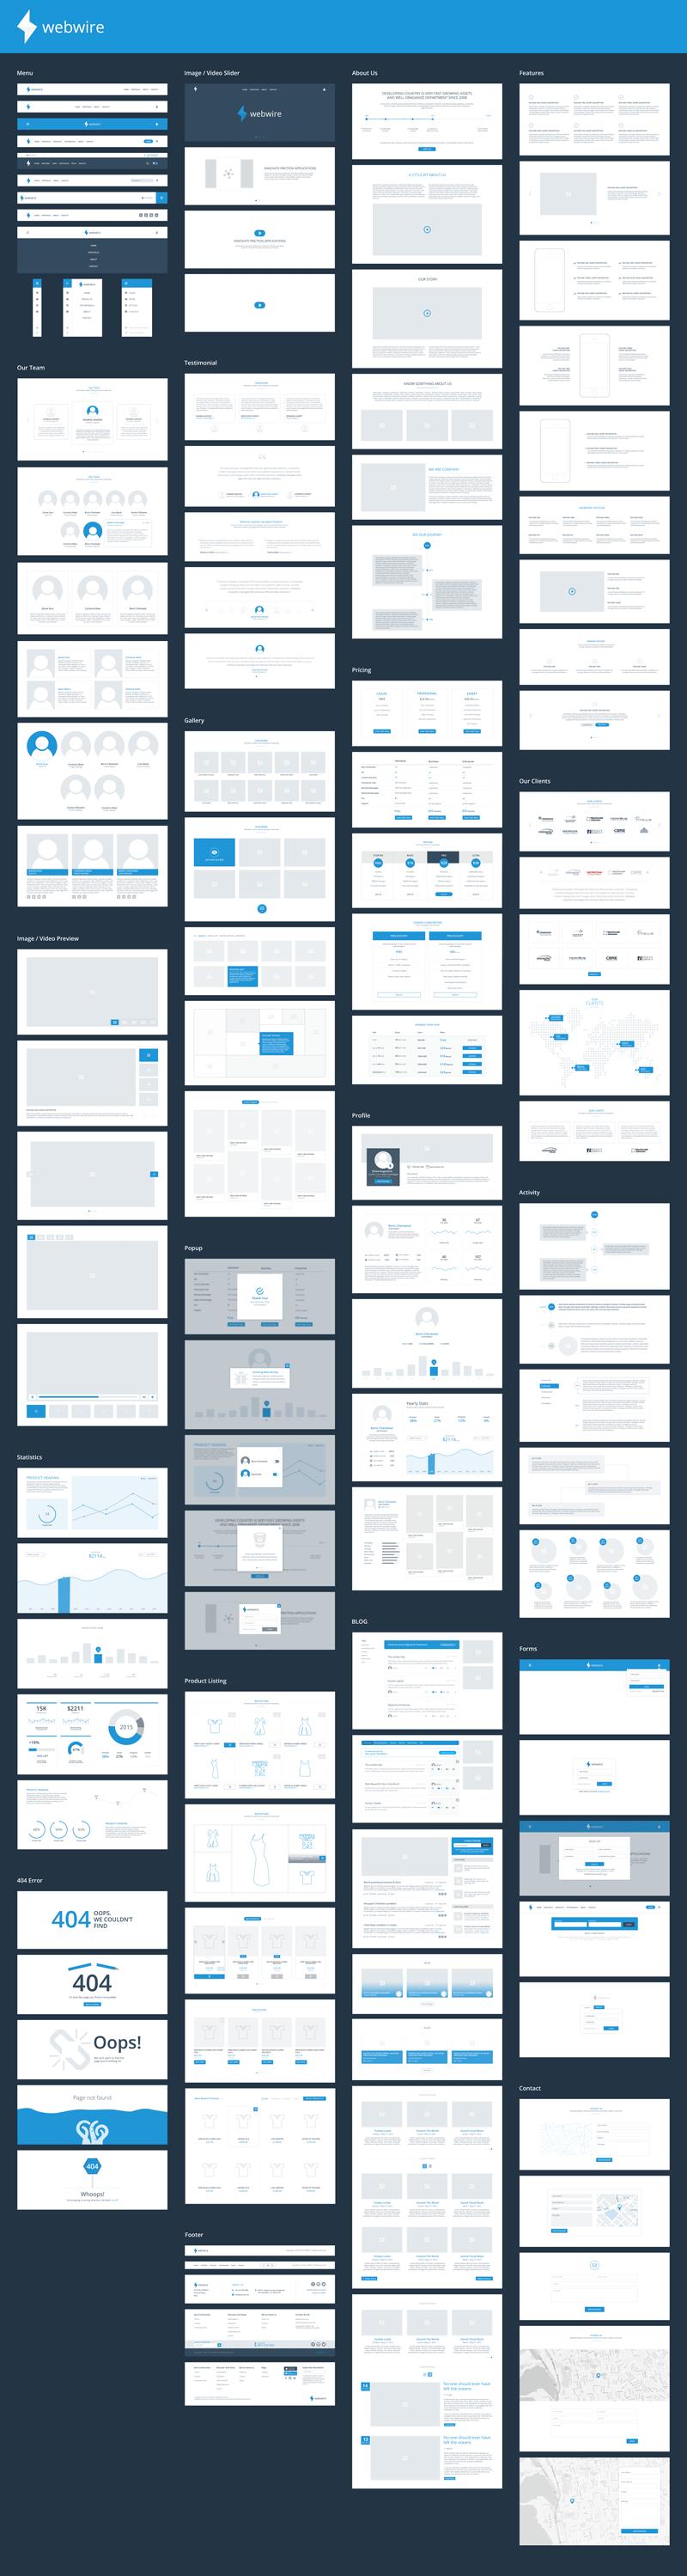 110+网页标准UI设计模块,PSD源文件